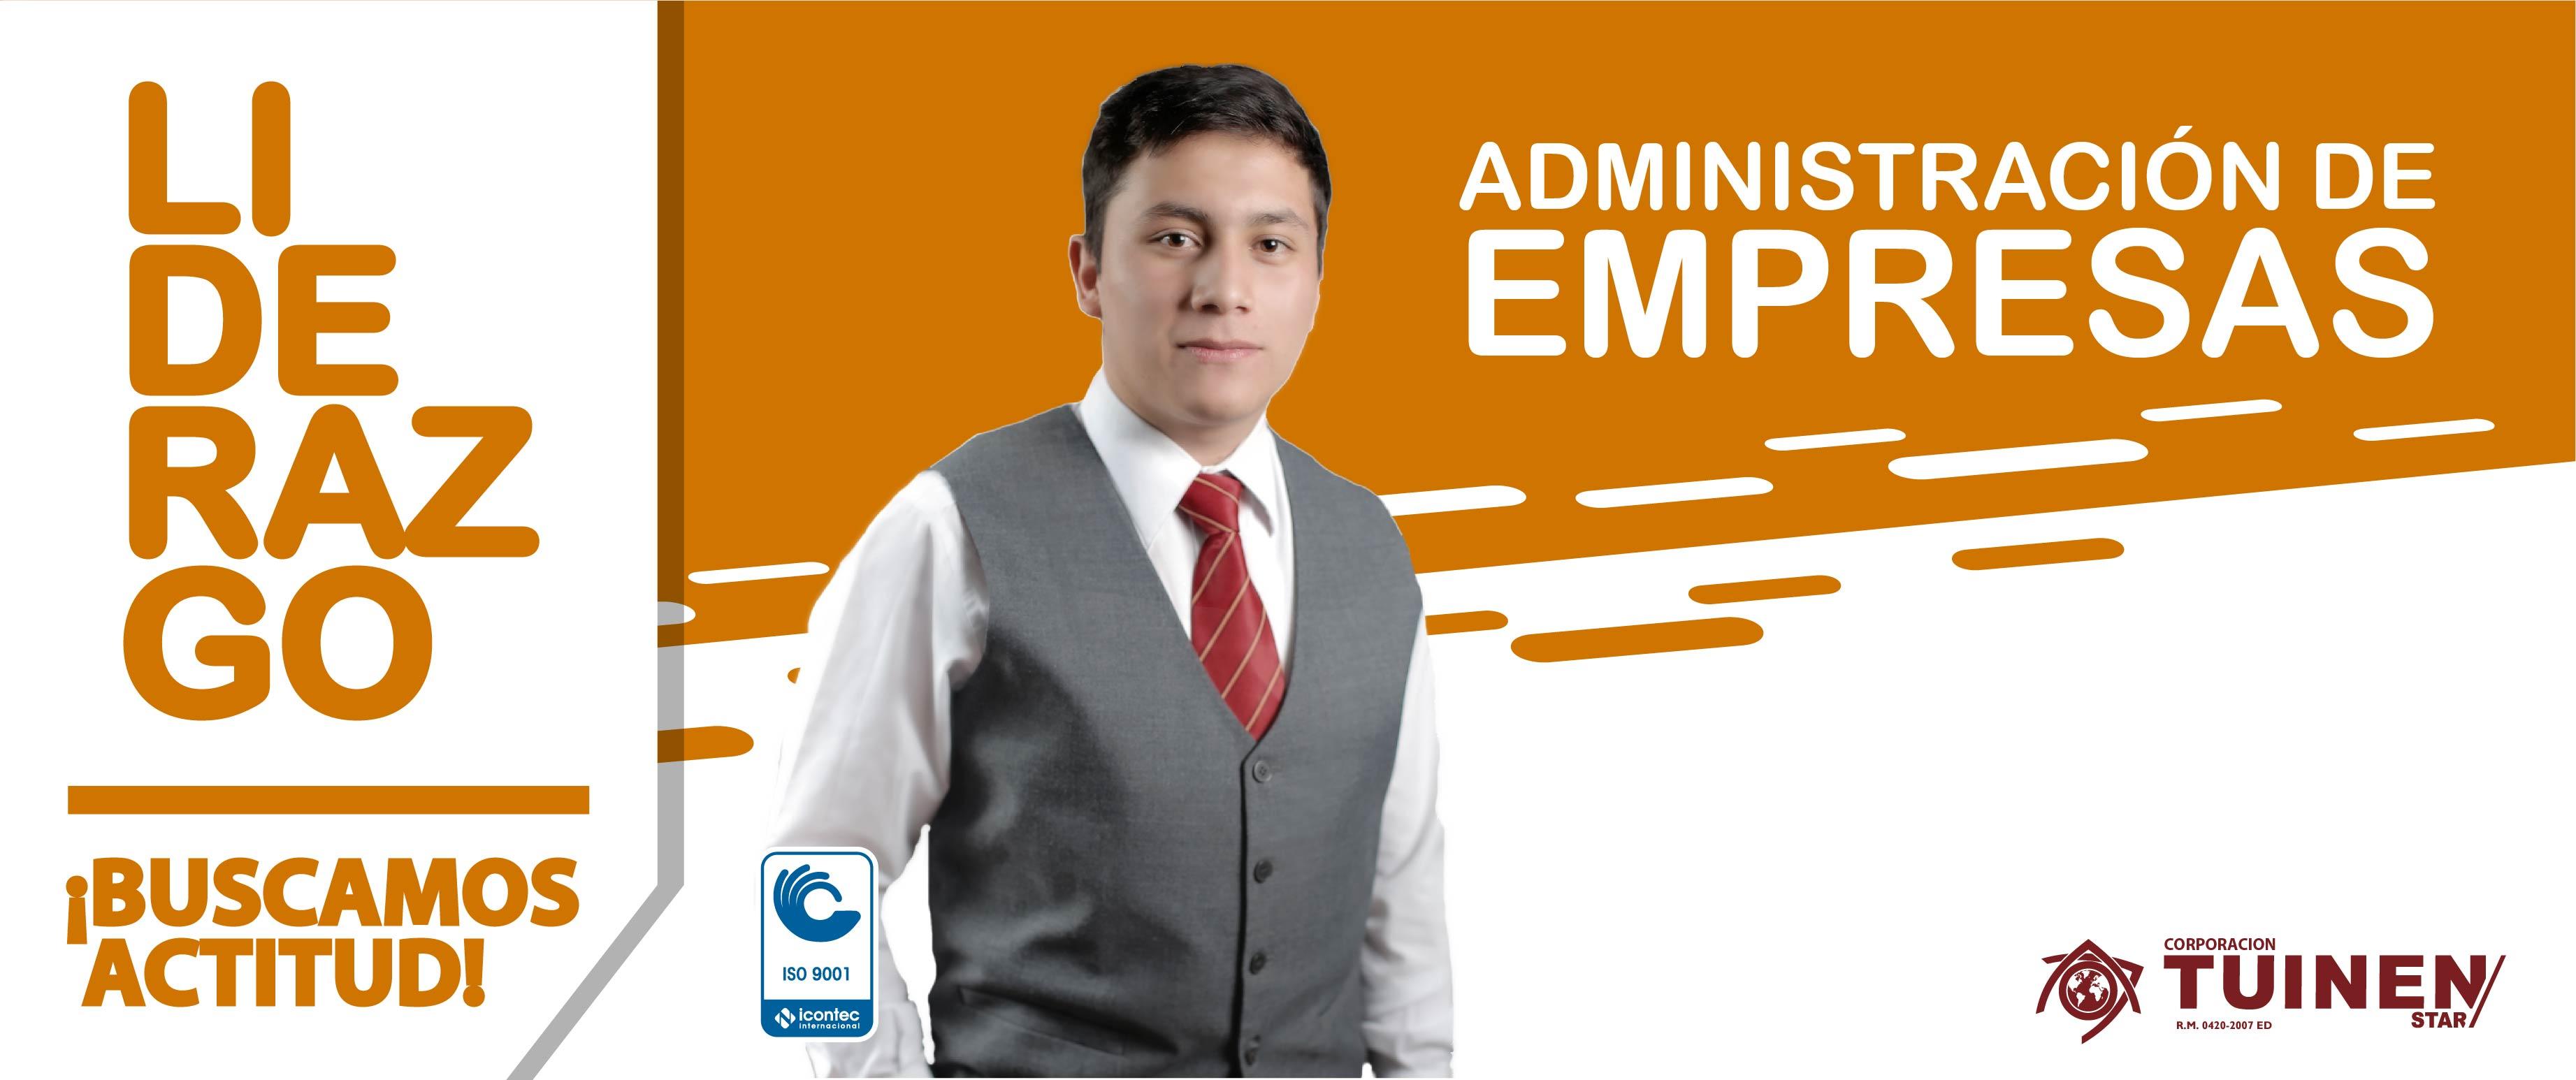 Tuinen Adminitracion